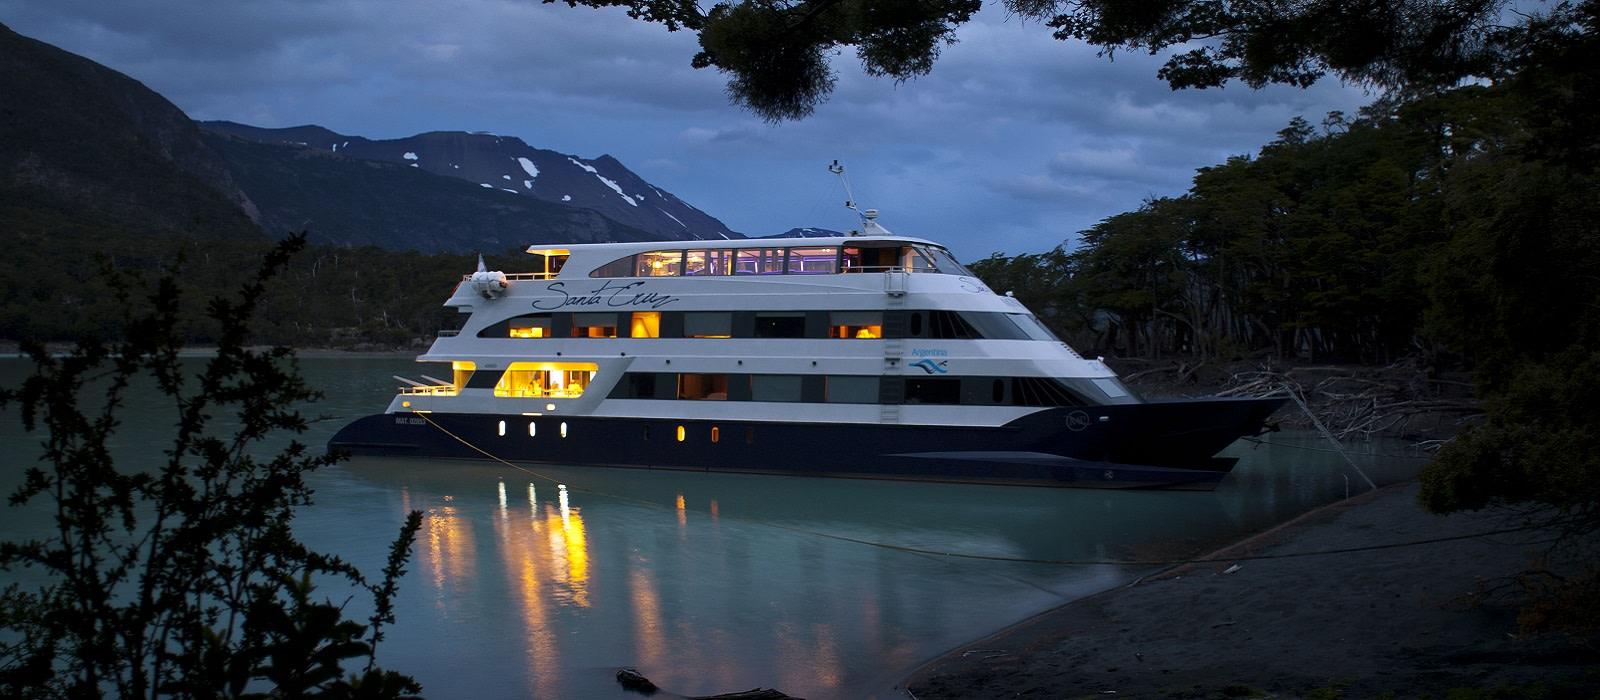 Hotel 3-Tage Santa Cruz Cruise by Marpatag Argentinien